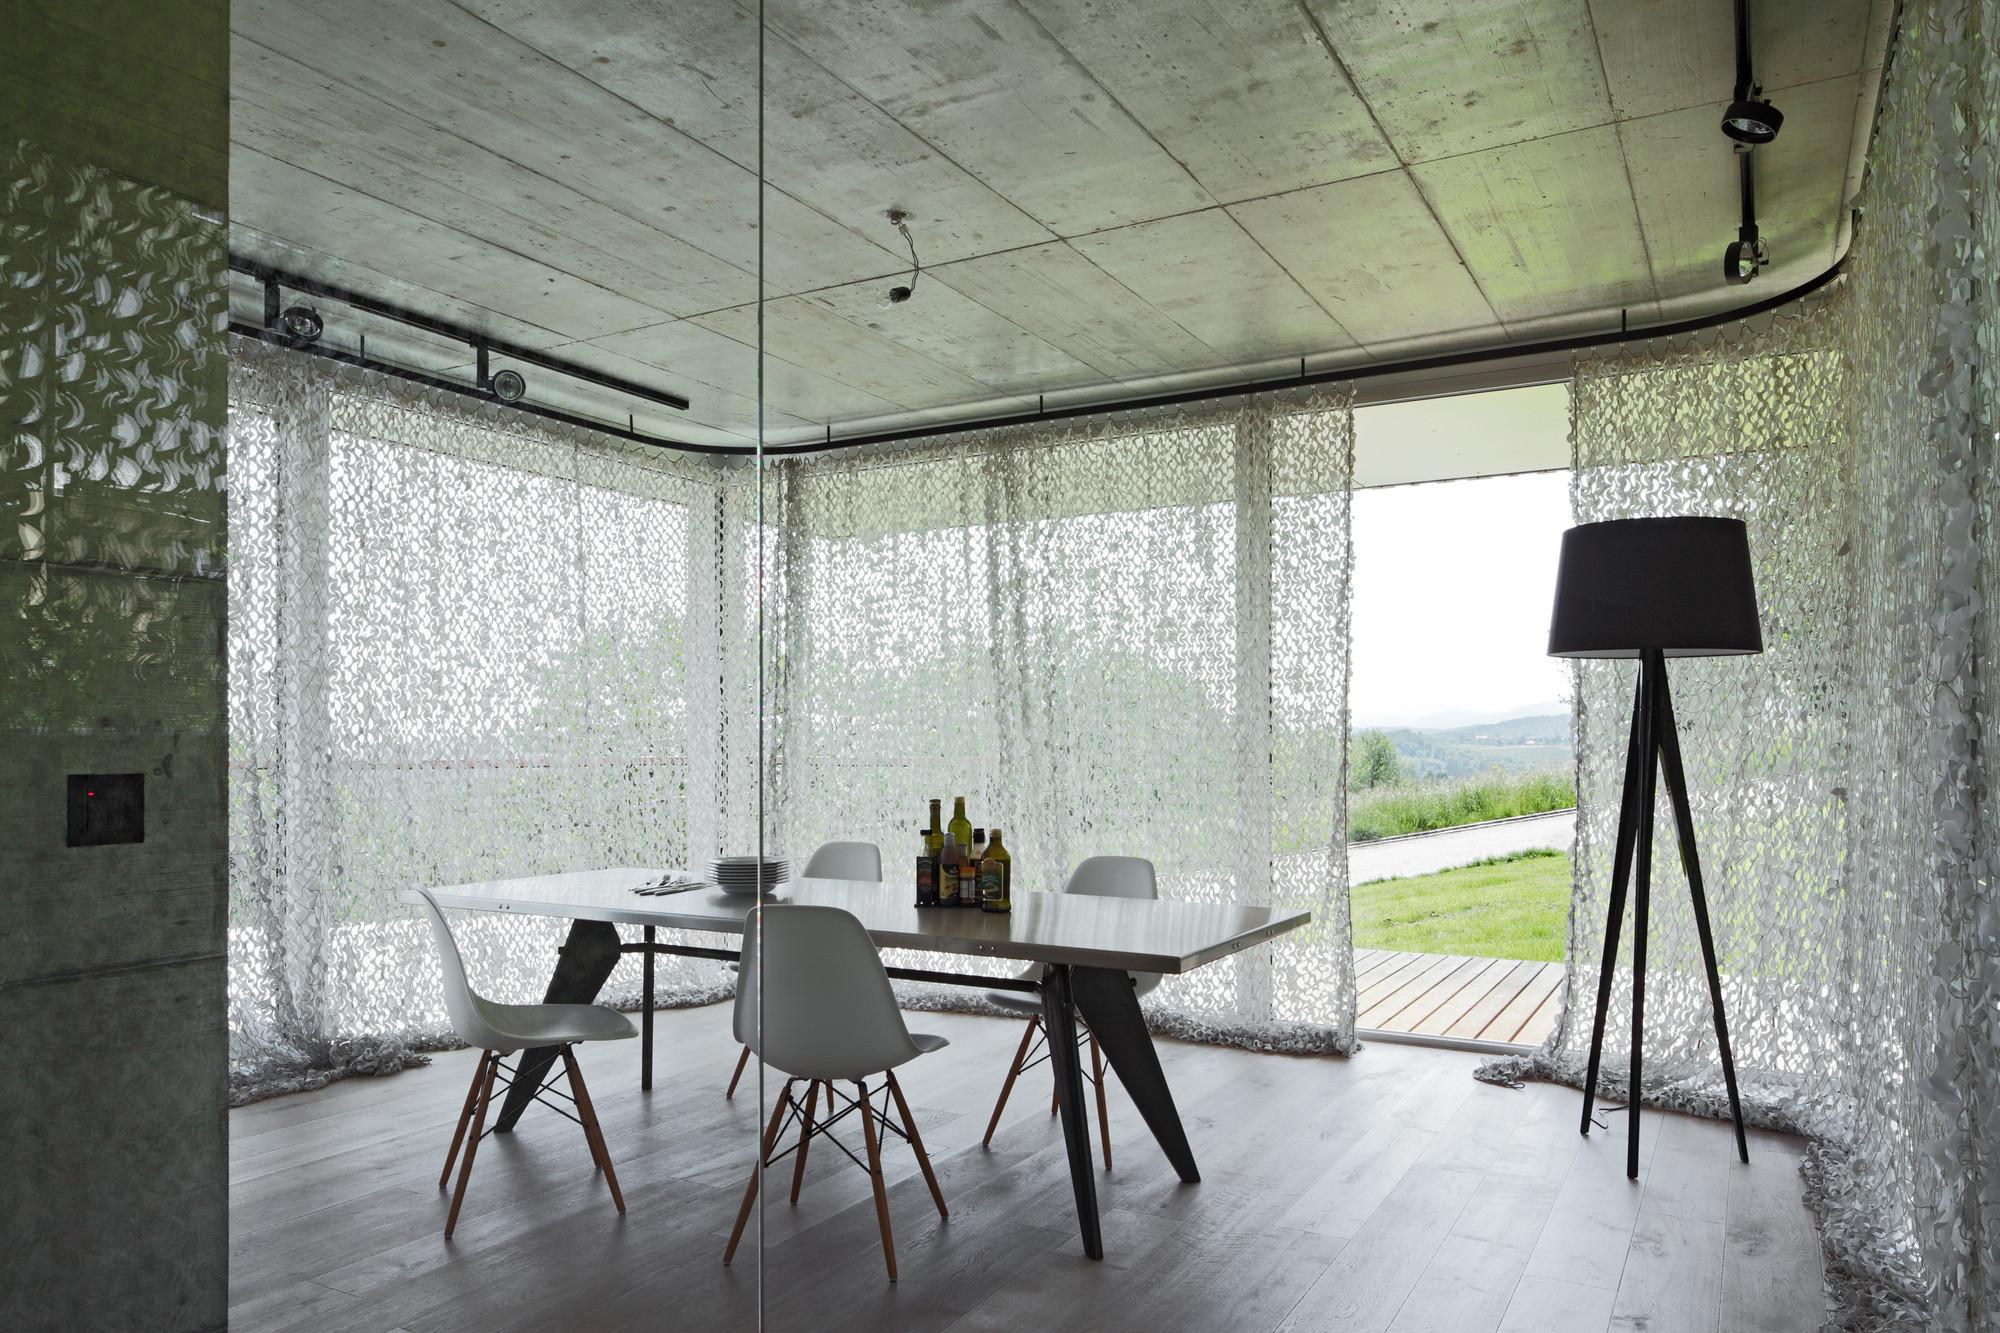 wohnhaus in nuglar st pantaleon sonnenschutz wohnen. Black Bedroom Furniture Sets. Home Design Ideas